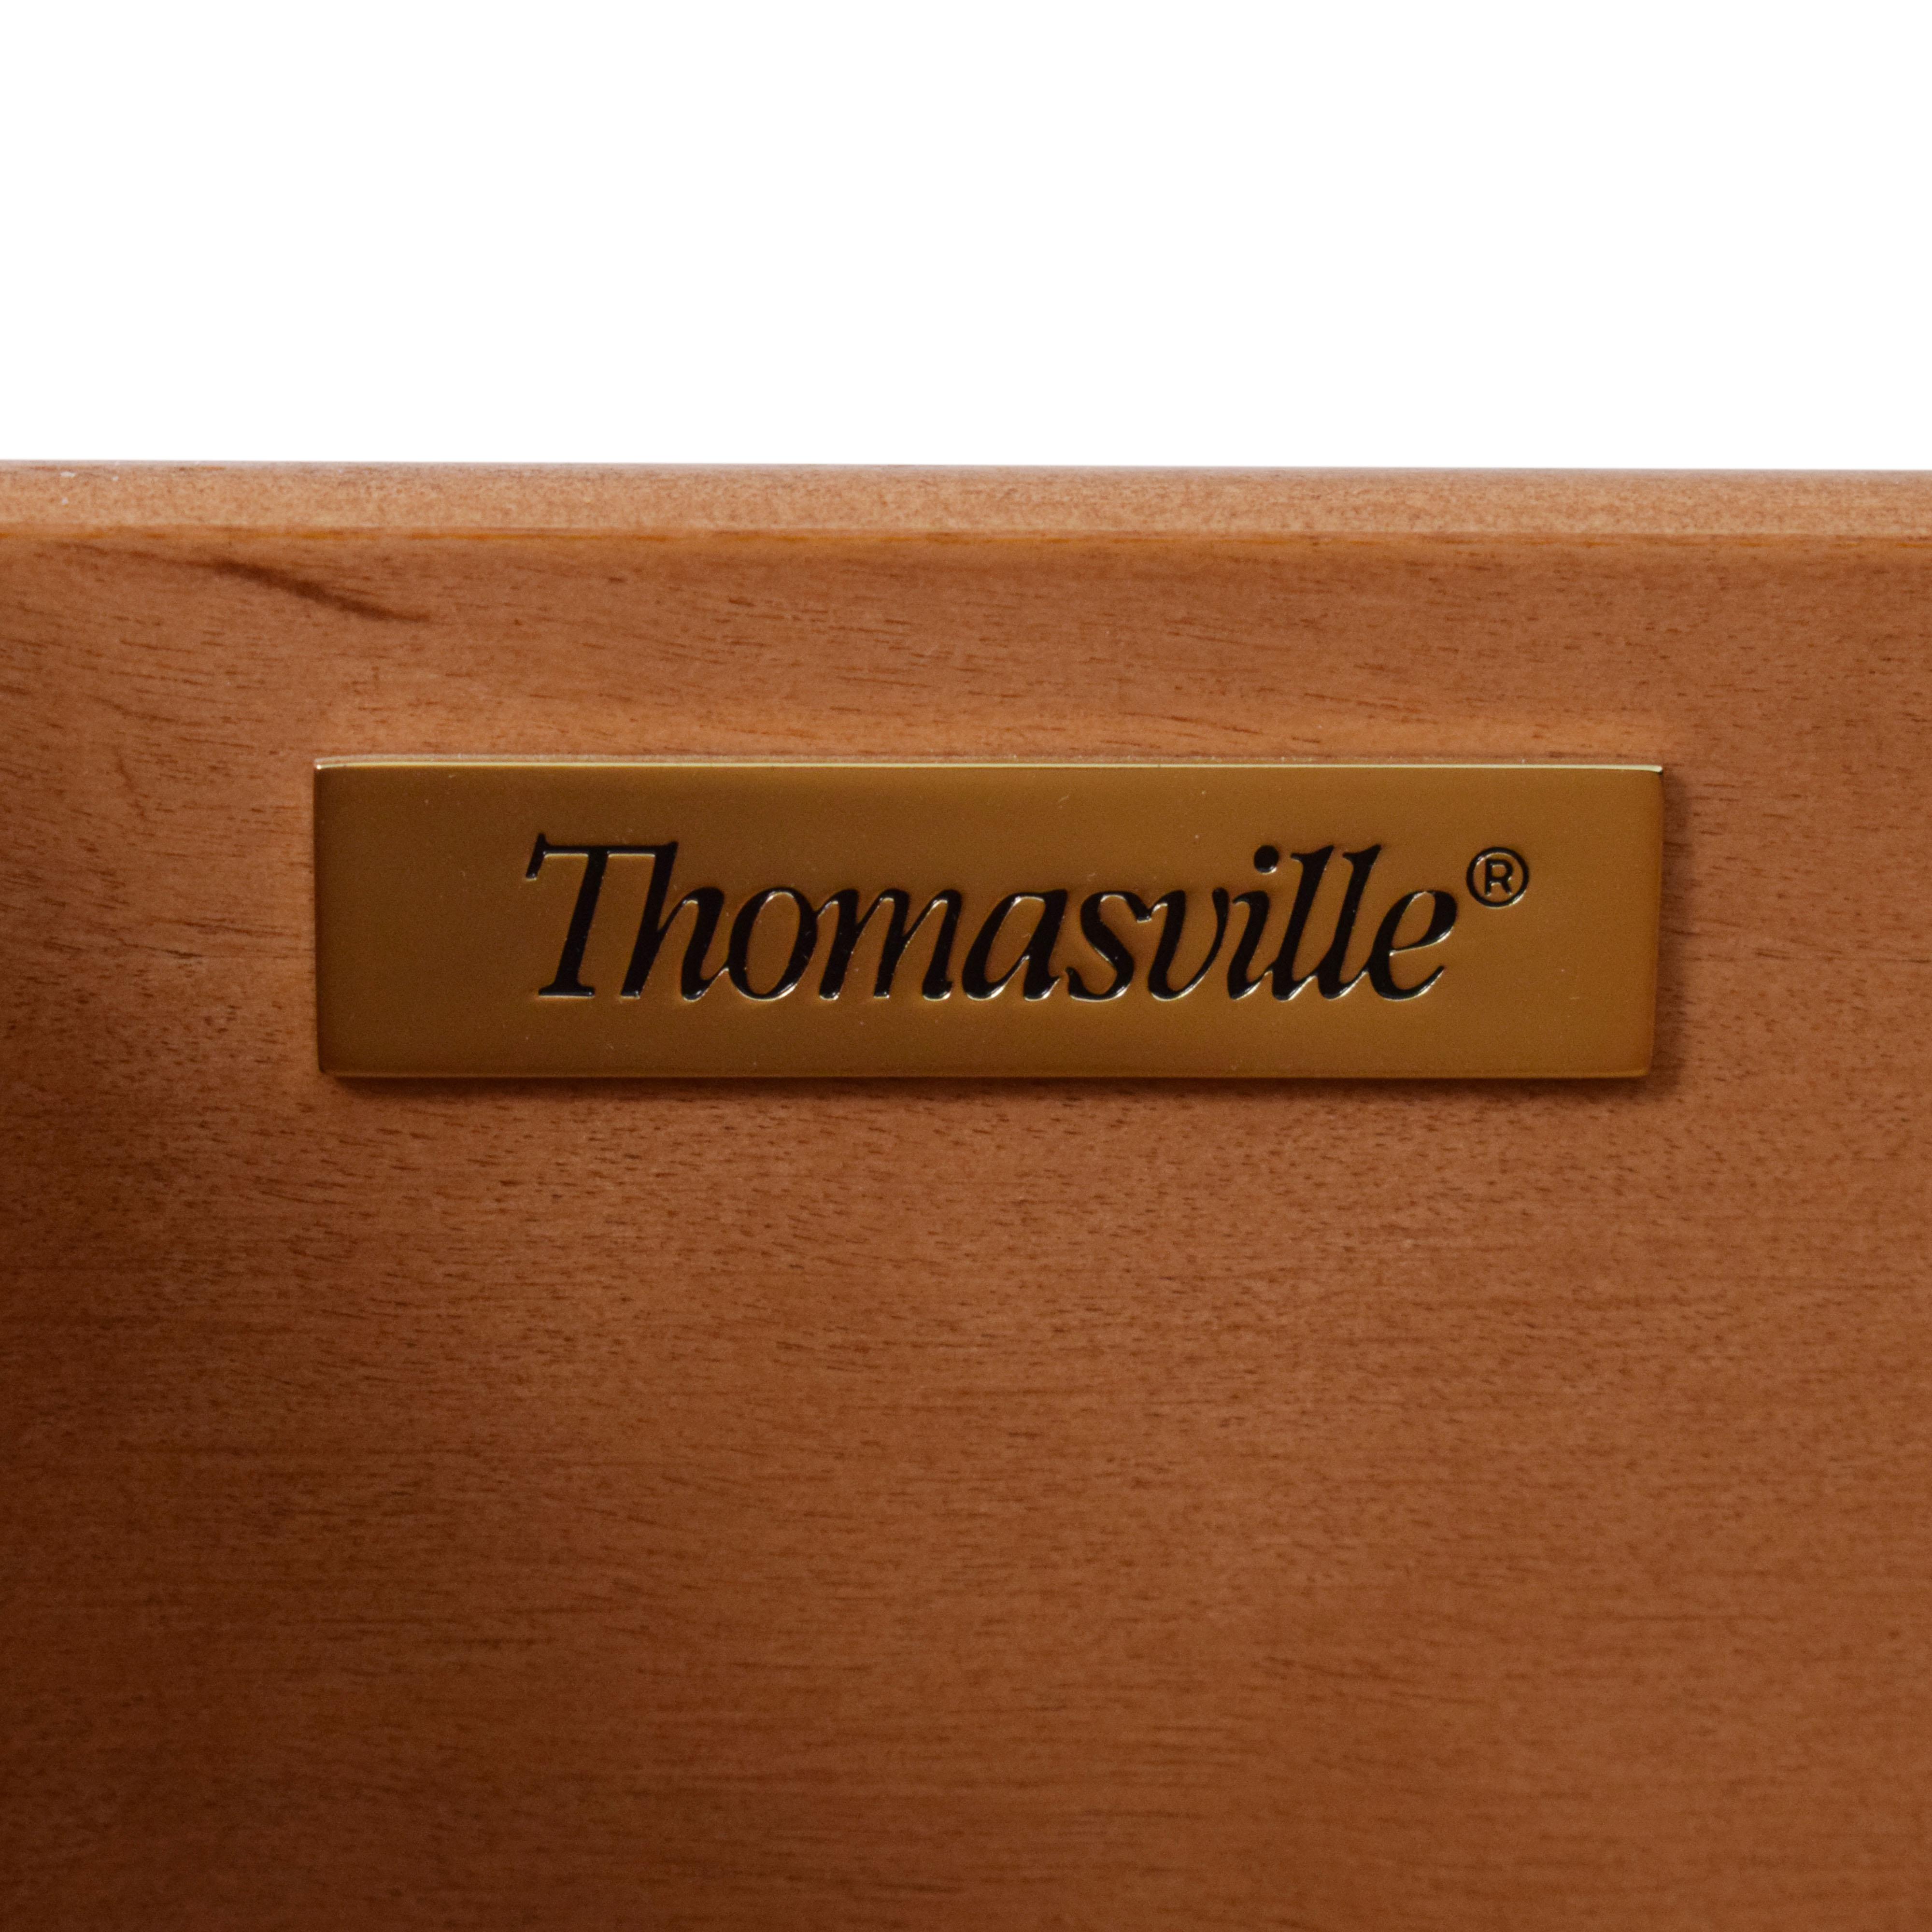 Thomasville Thomasville Nocturne Nine Drawer Dresser dimensions